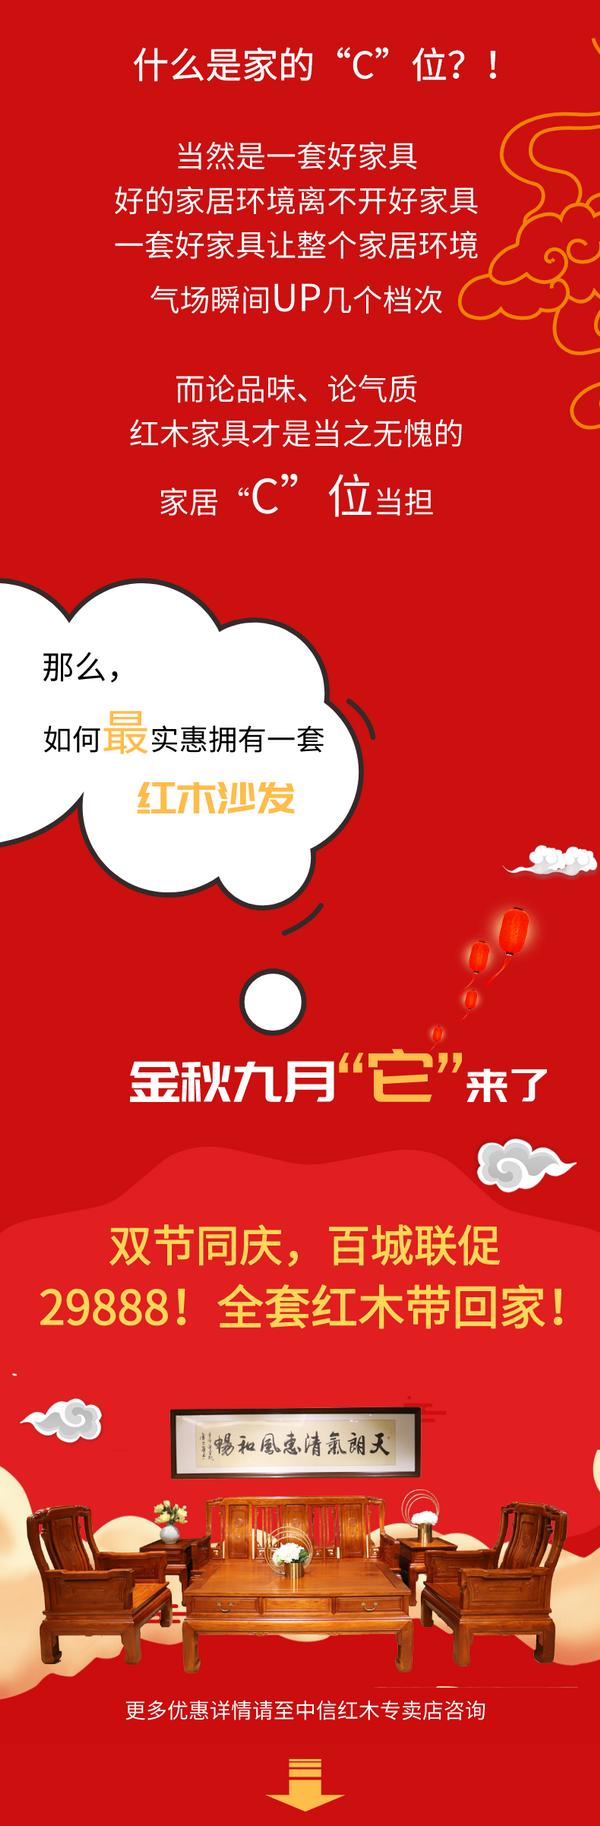 中信红木300+门店金秋全国联促,29888元全套红木家具带回家